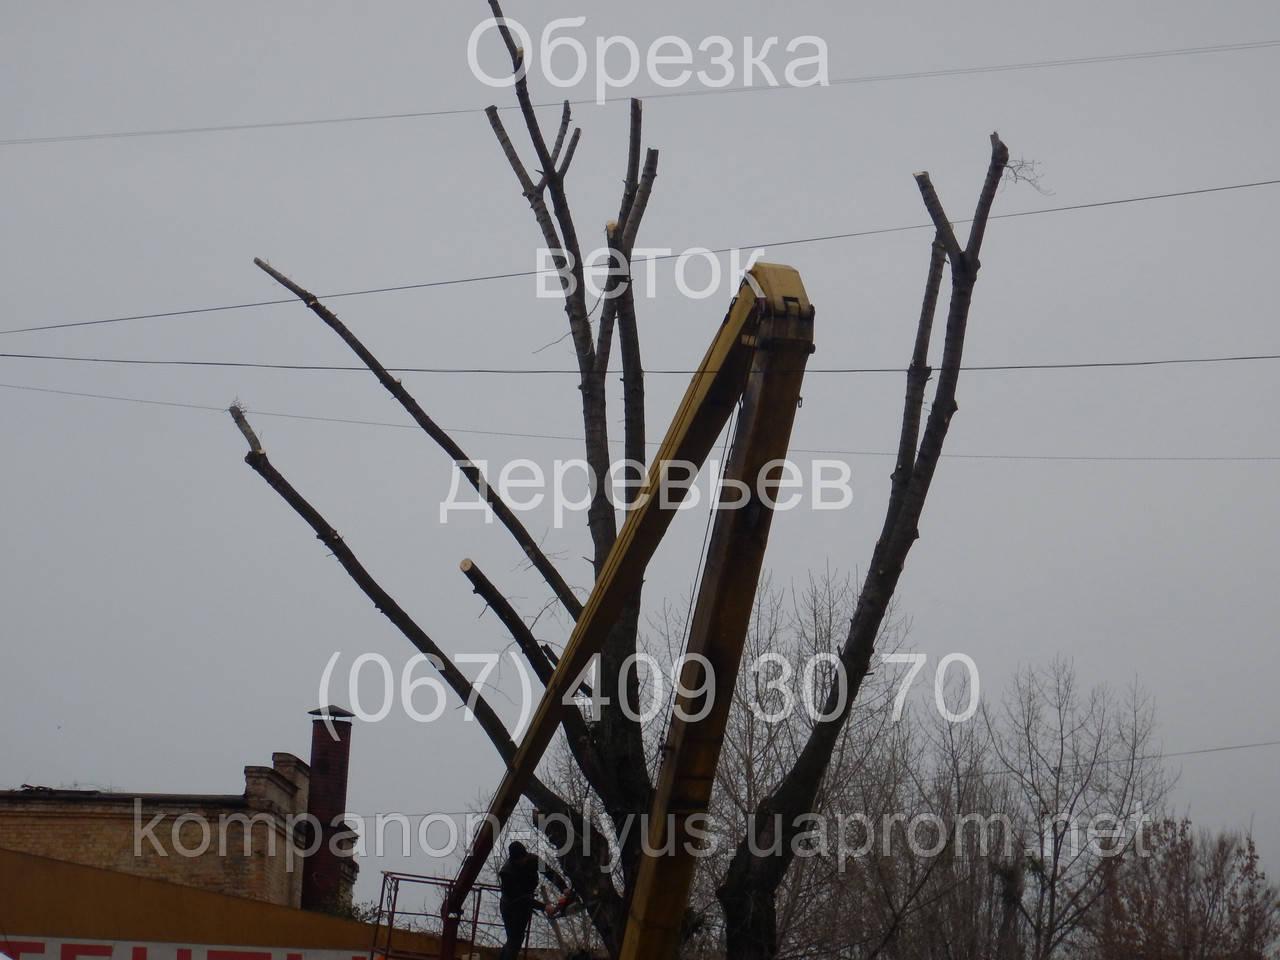 Обрізка гілок дерев